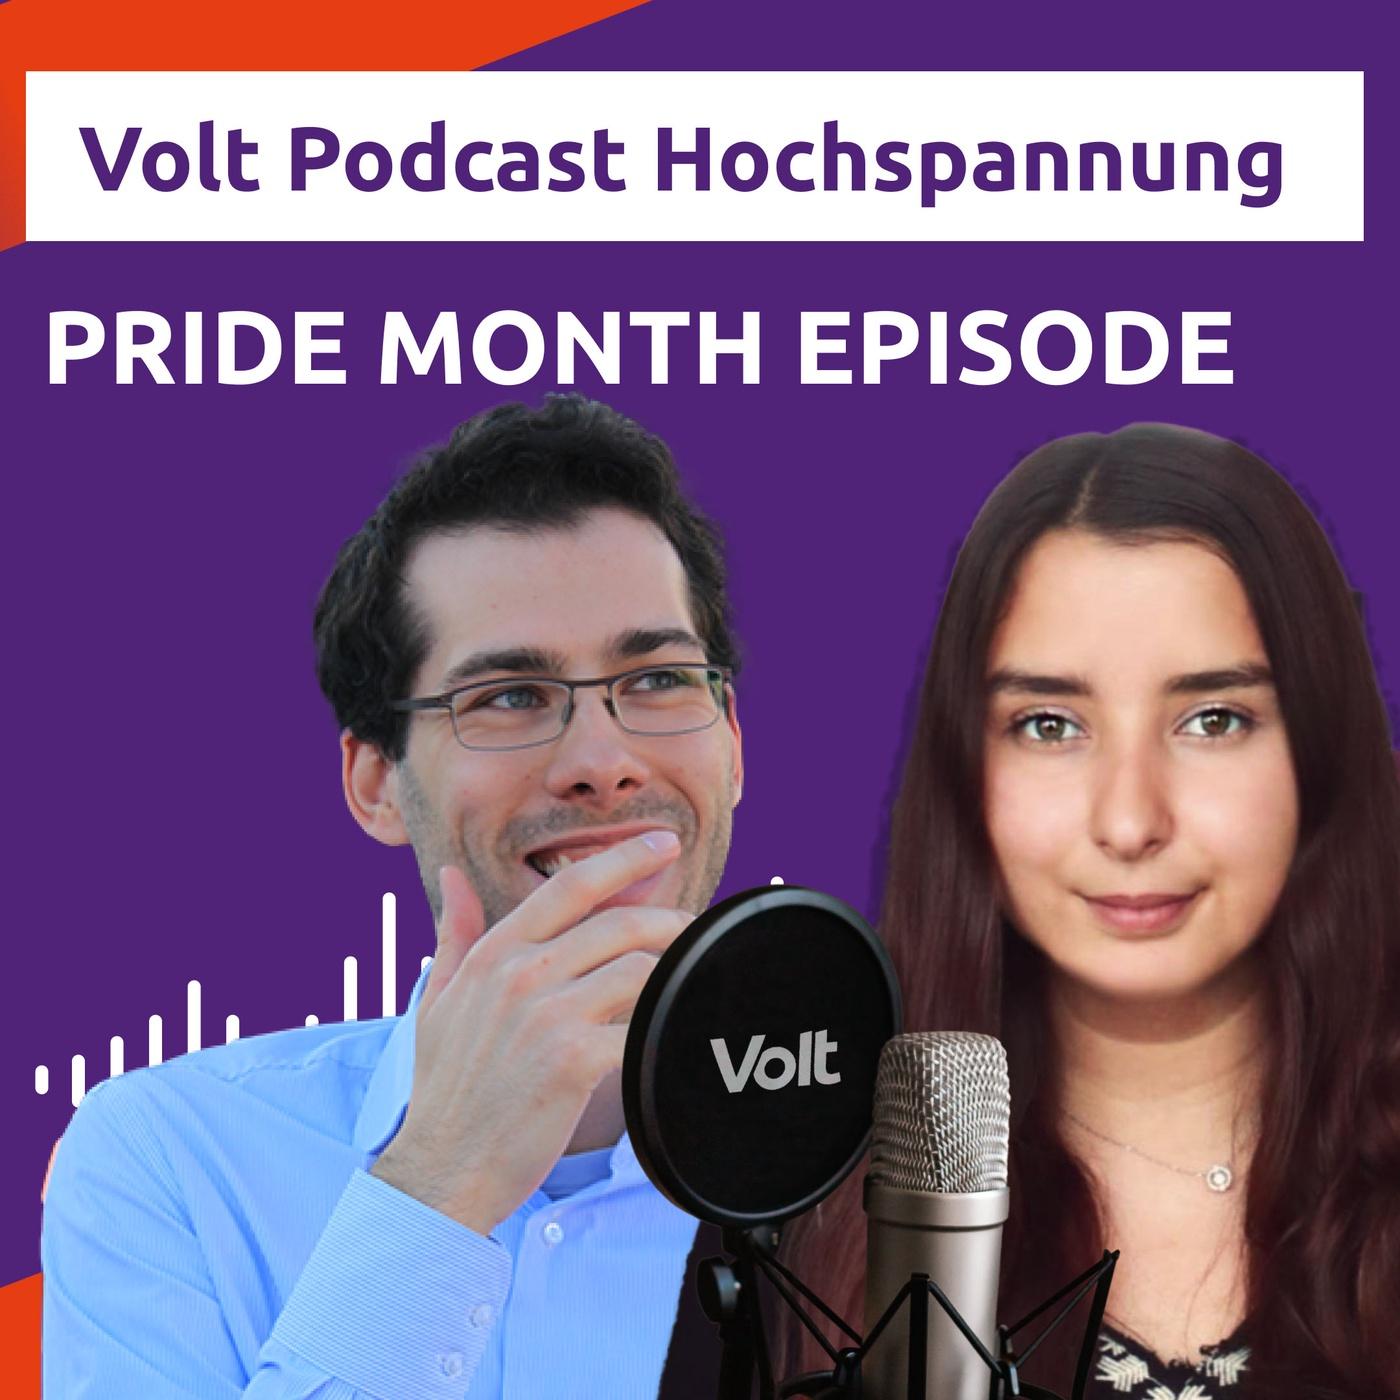 PRIDE MONTH SPECIAL - im Gespräch mit der LGBTIQ+ Community - Hochspannung Podcast